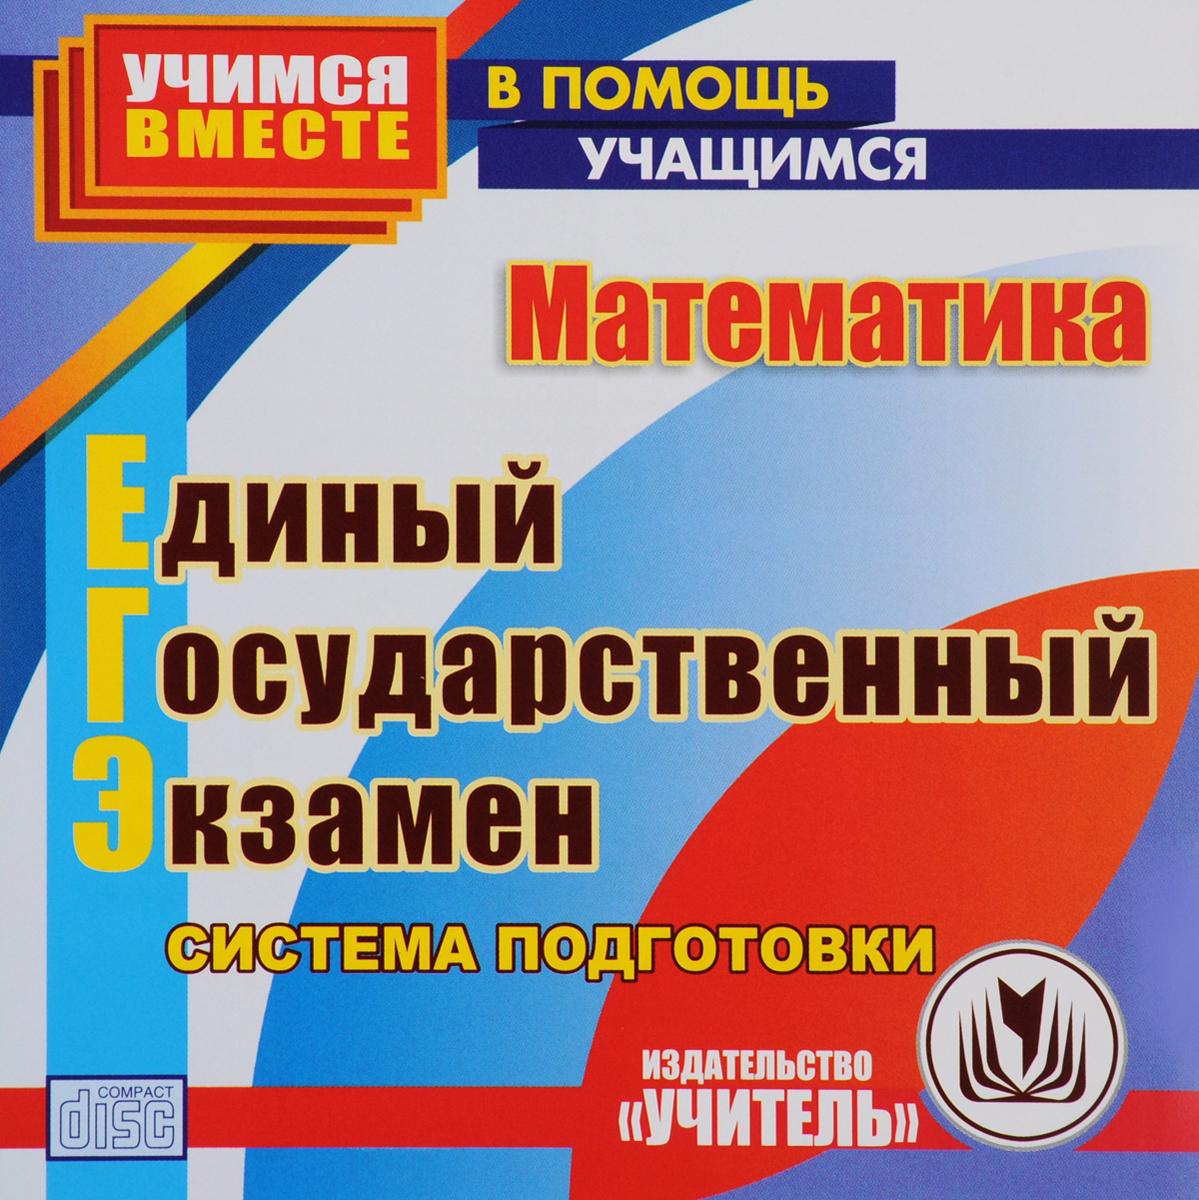 Математика. Подготовка к ЕГЭ кочагин в егэ 2012 математика сборник заданий